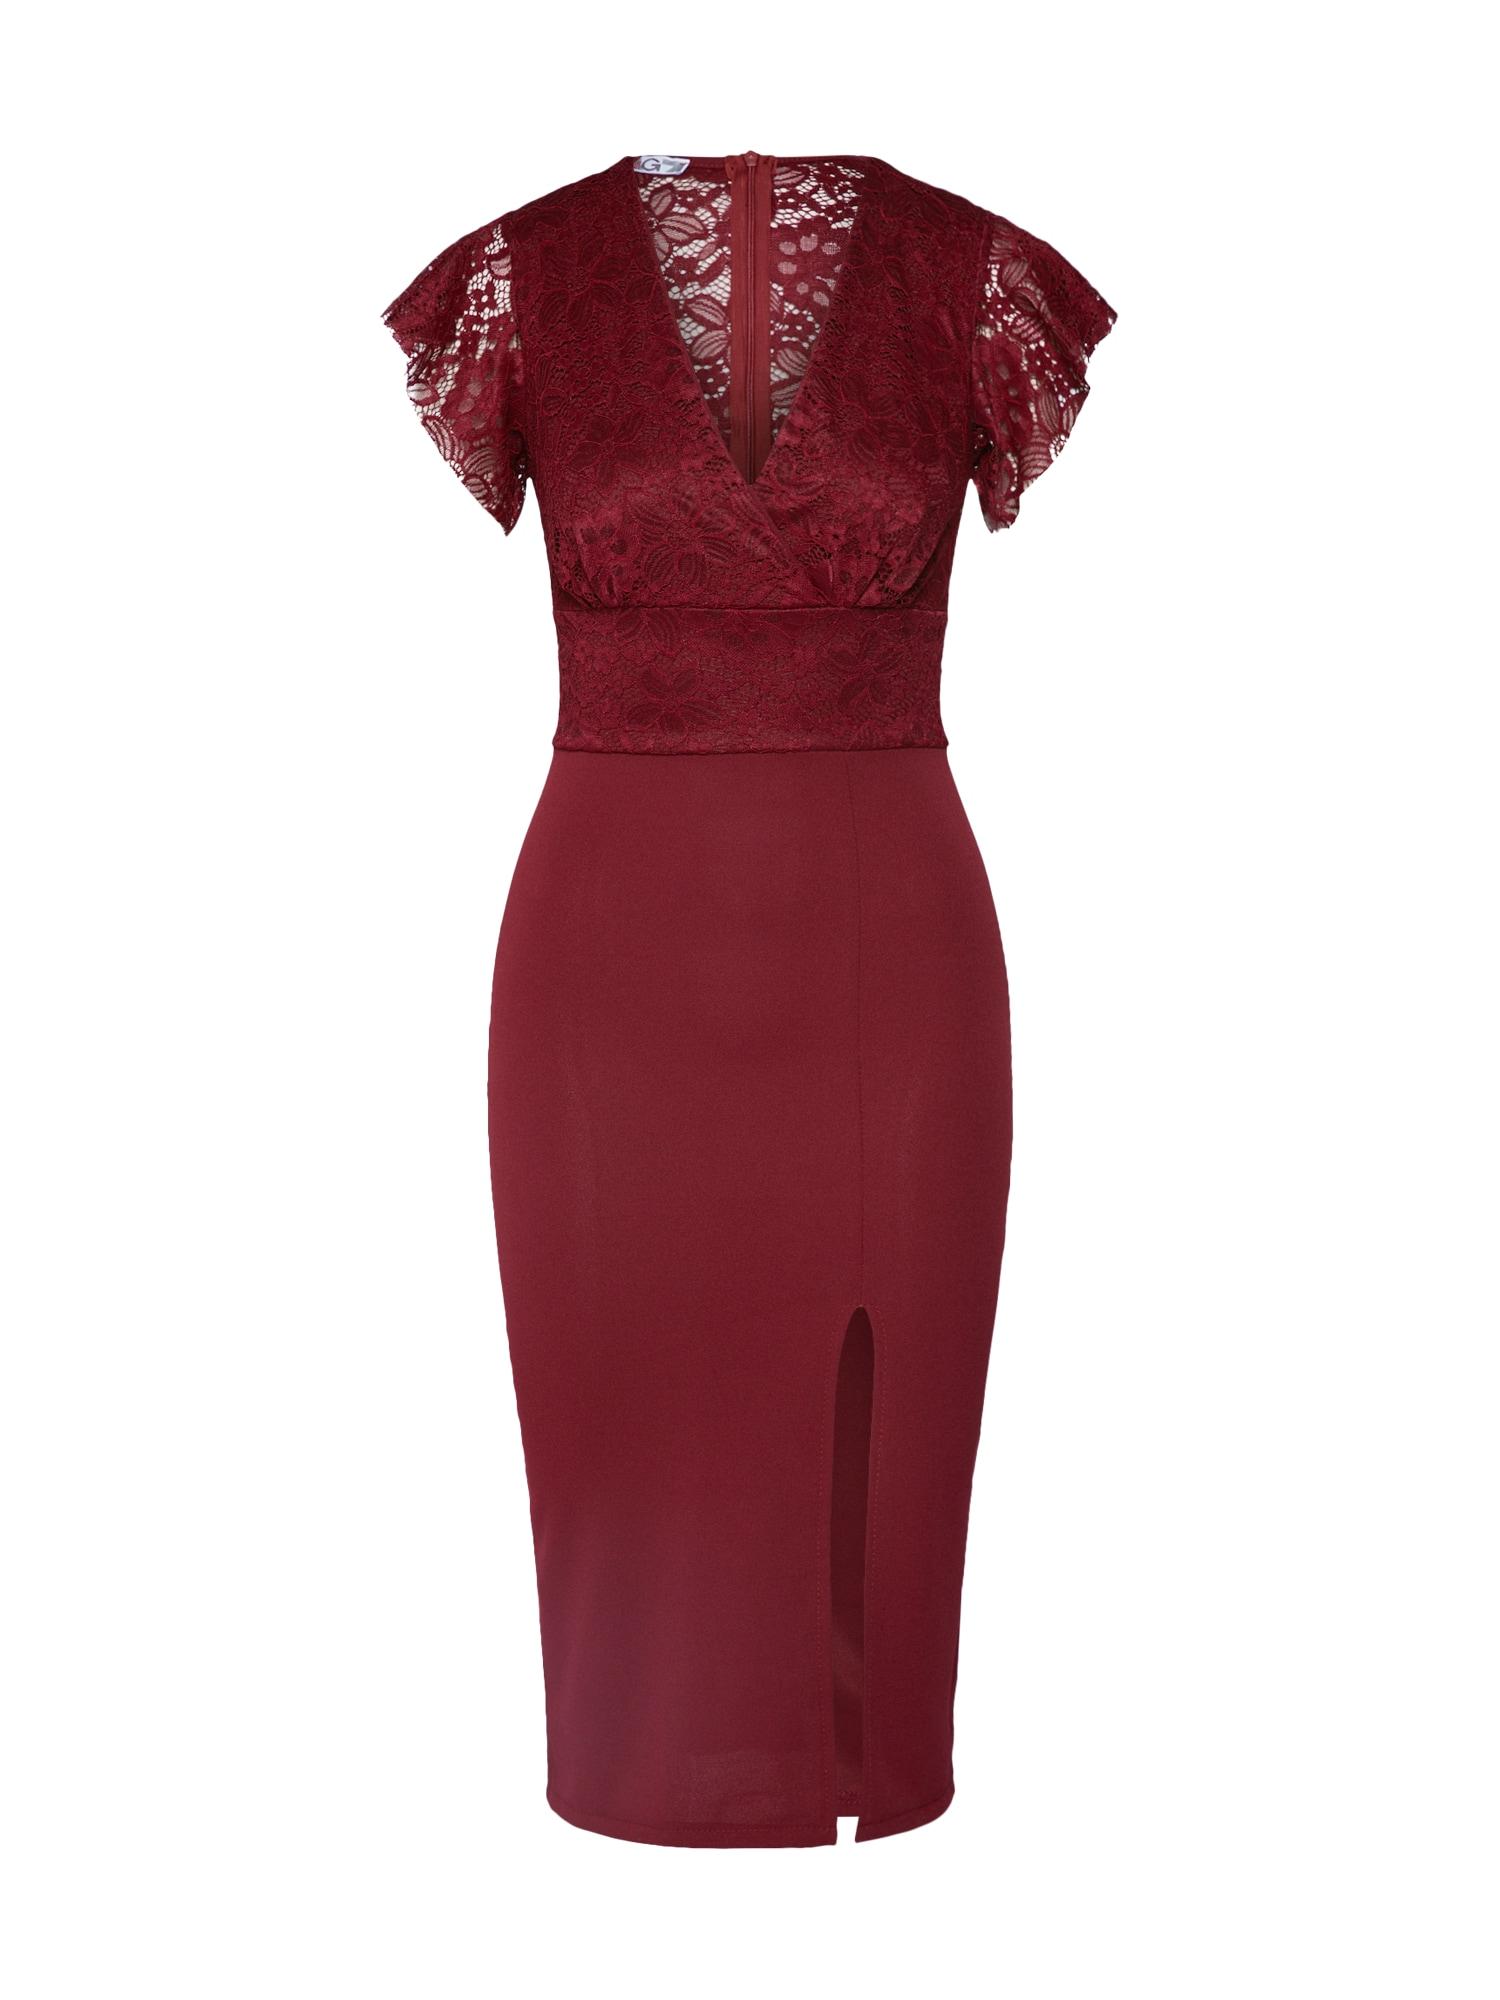 WAL G. Trumpa kokteilinė suknelė vyno raudona spalva